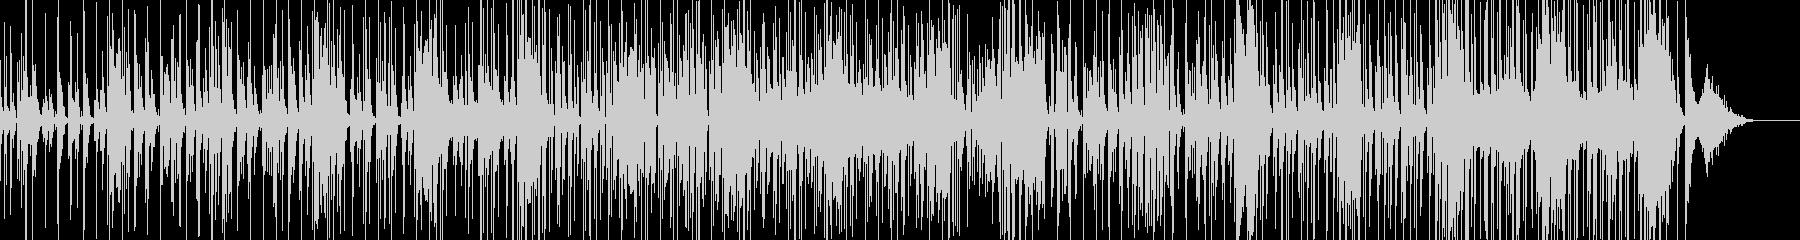 コメディやギャグに適したBGM Bの未再生の波形